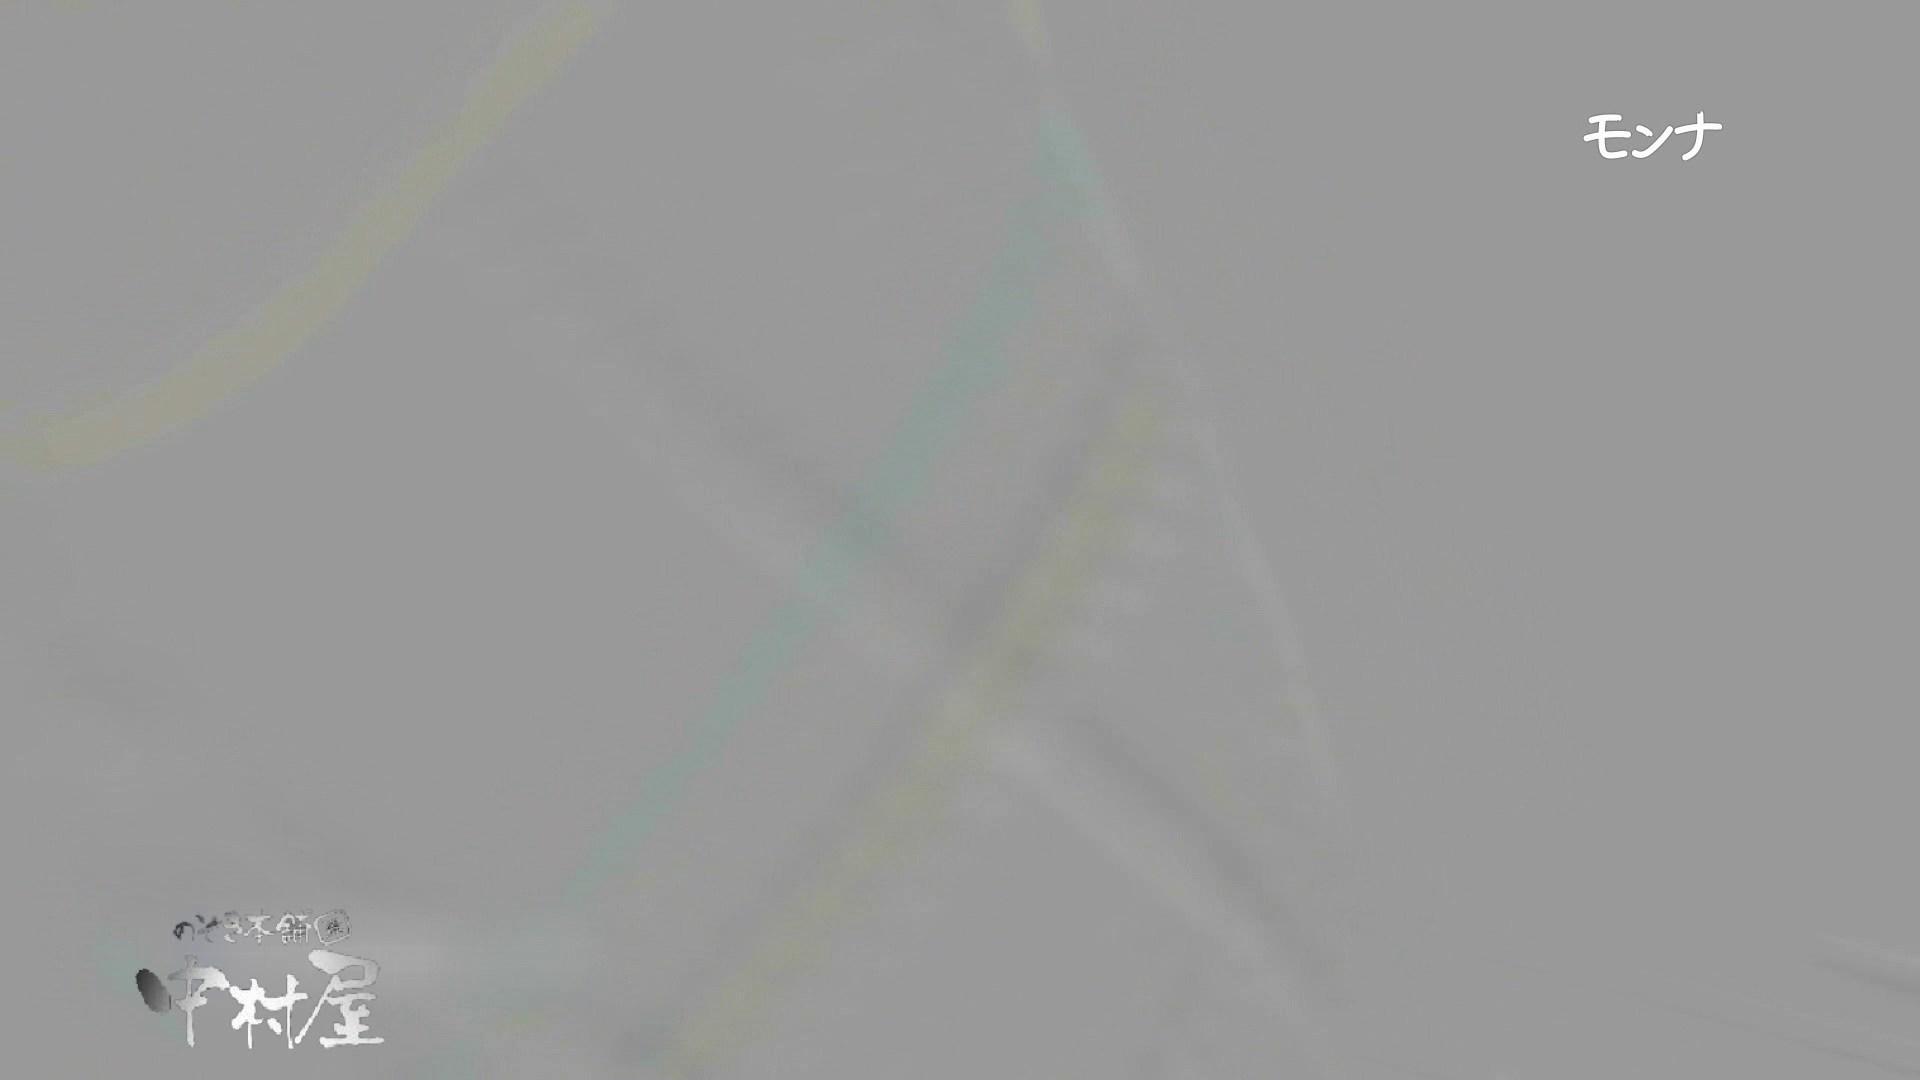 【美しい日本の未来】遂に!!戸田恵梨香似の予告モデル登場ダッシュで「大」後編 おまんこ見放題  101PIX 6